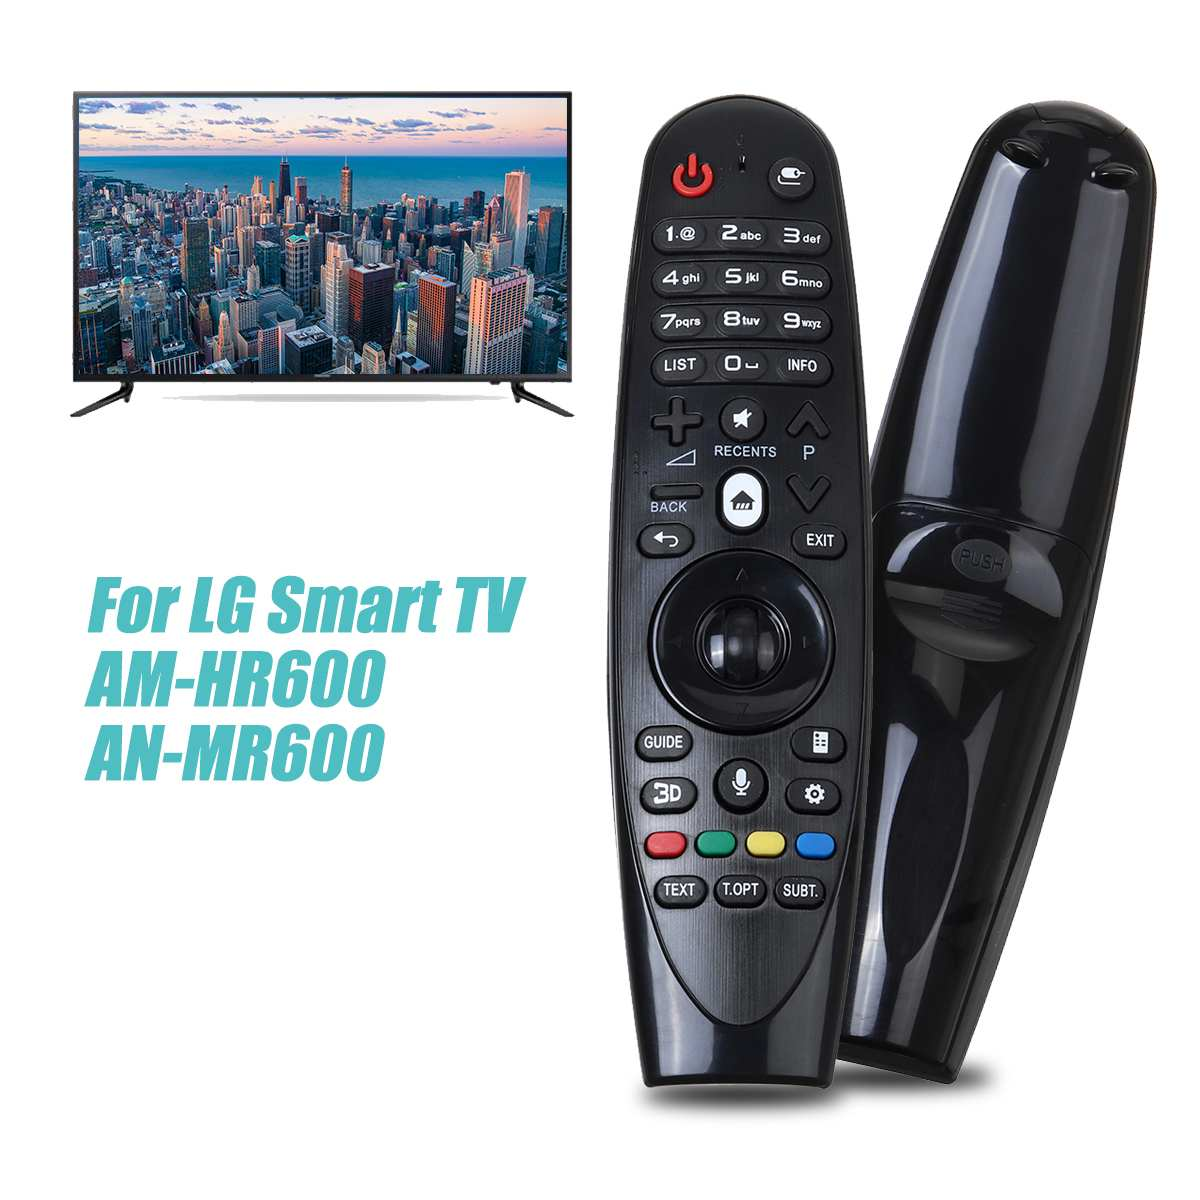 Inteligente inalámbrico mando a distancia de repuesto de TV sólo para LG AM-HR600 AN-MR600 para 2 * baterías AA (no incluidas)